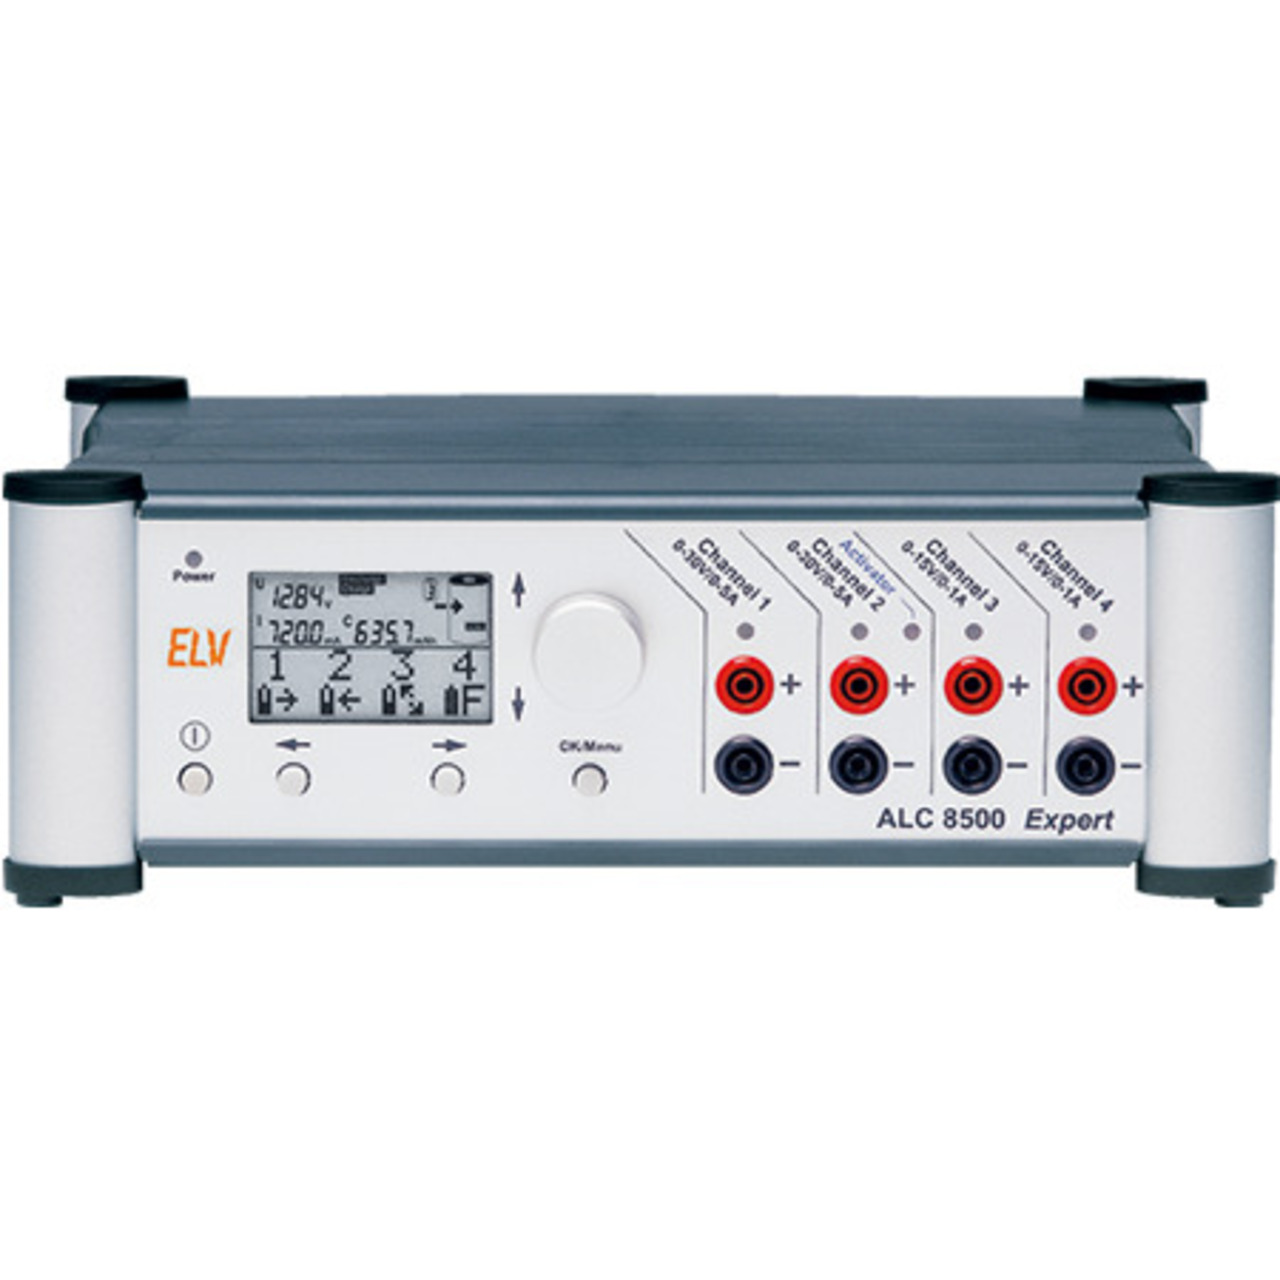 ELV Bausatz Akku-Lade-Center ALC 8500 Expert-2- inkl. PC-Software- USB 2.0 Kabel